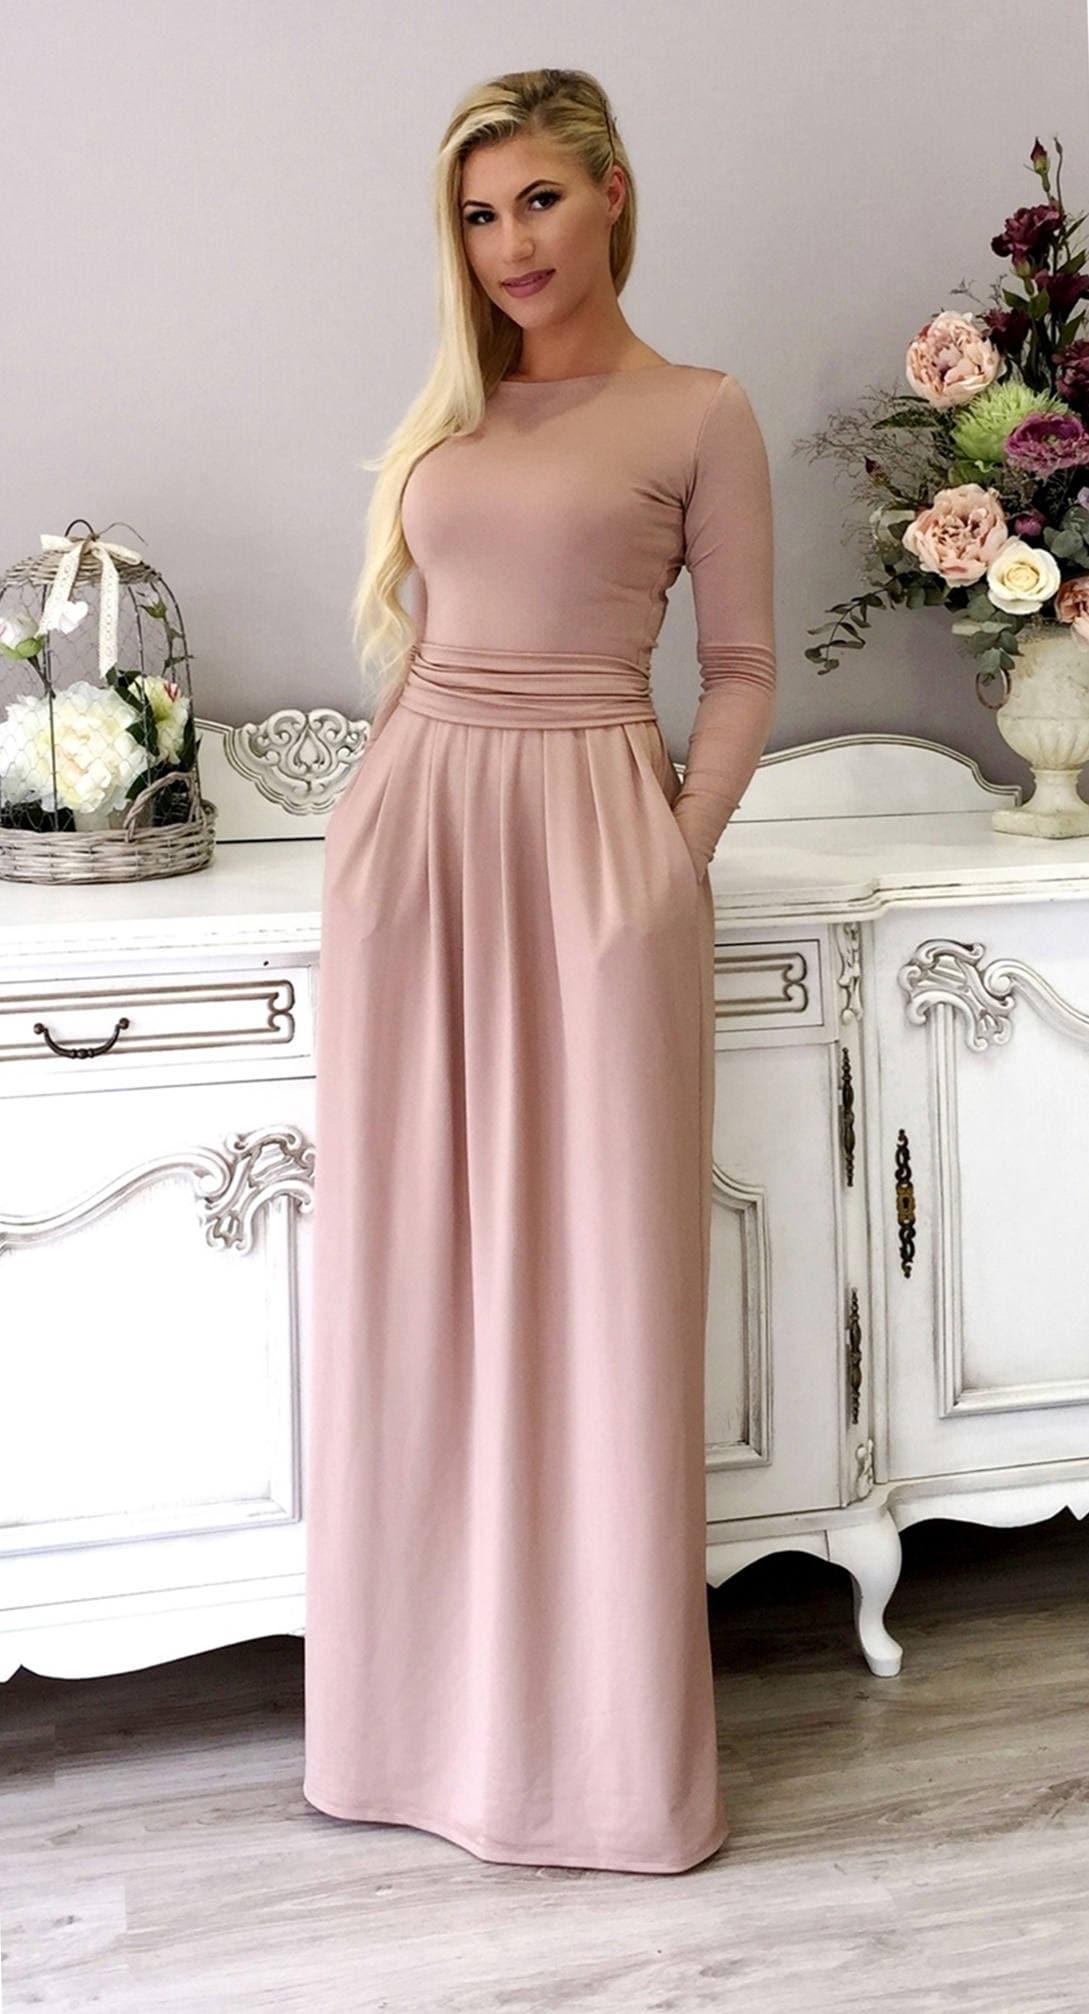 Excepcional Diseñar Sus Propios Vestidos De Dama De Honor Friso ...